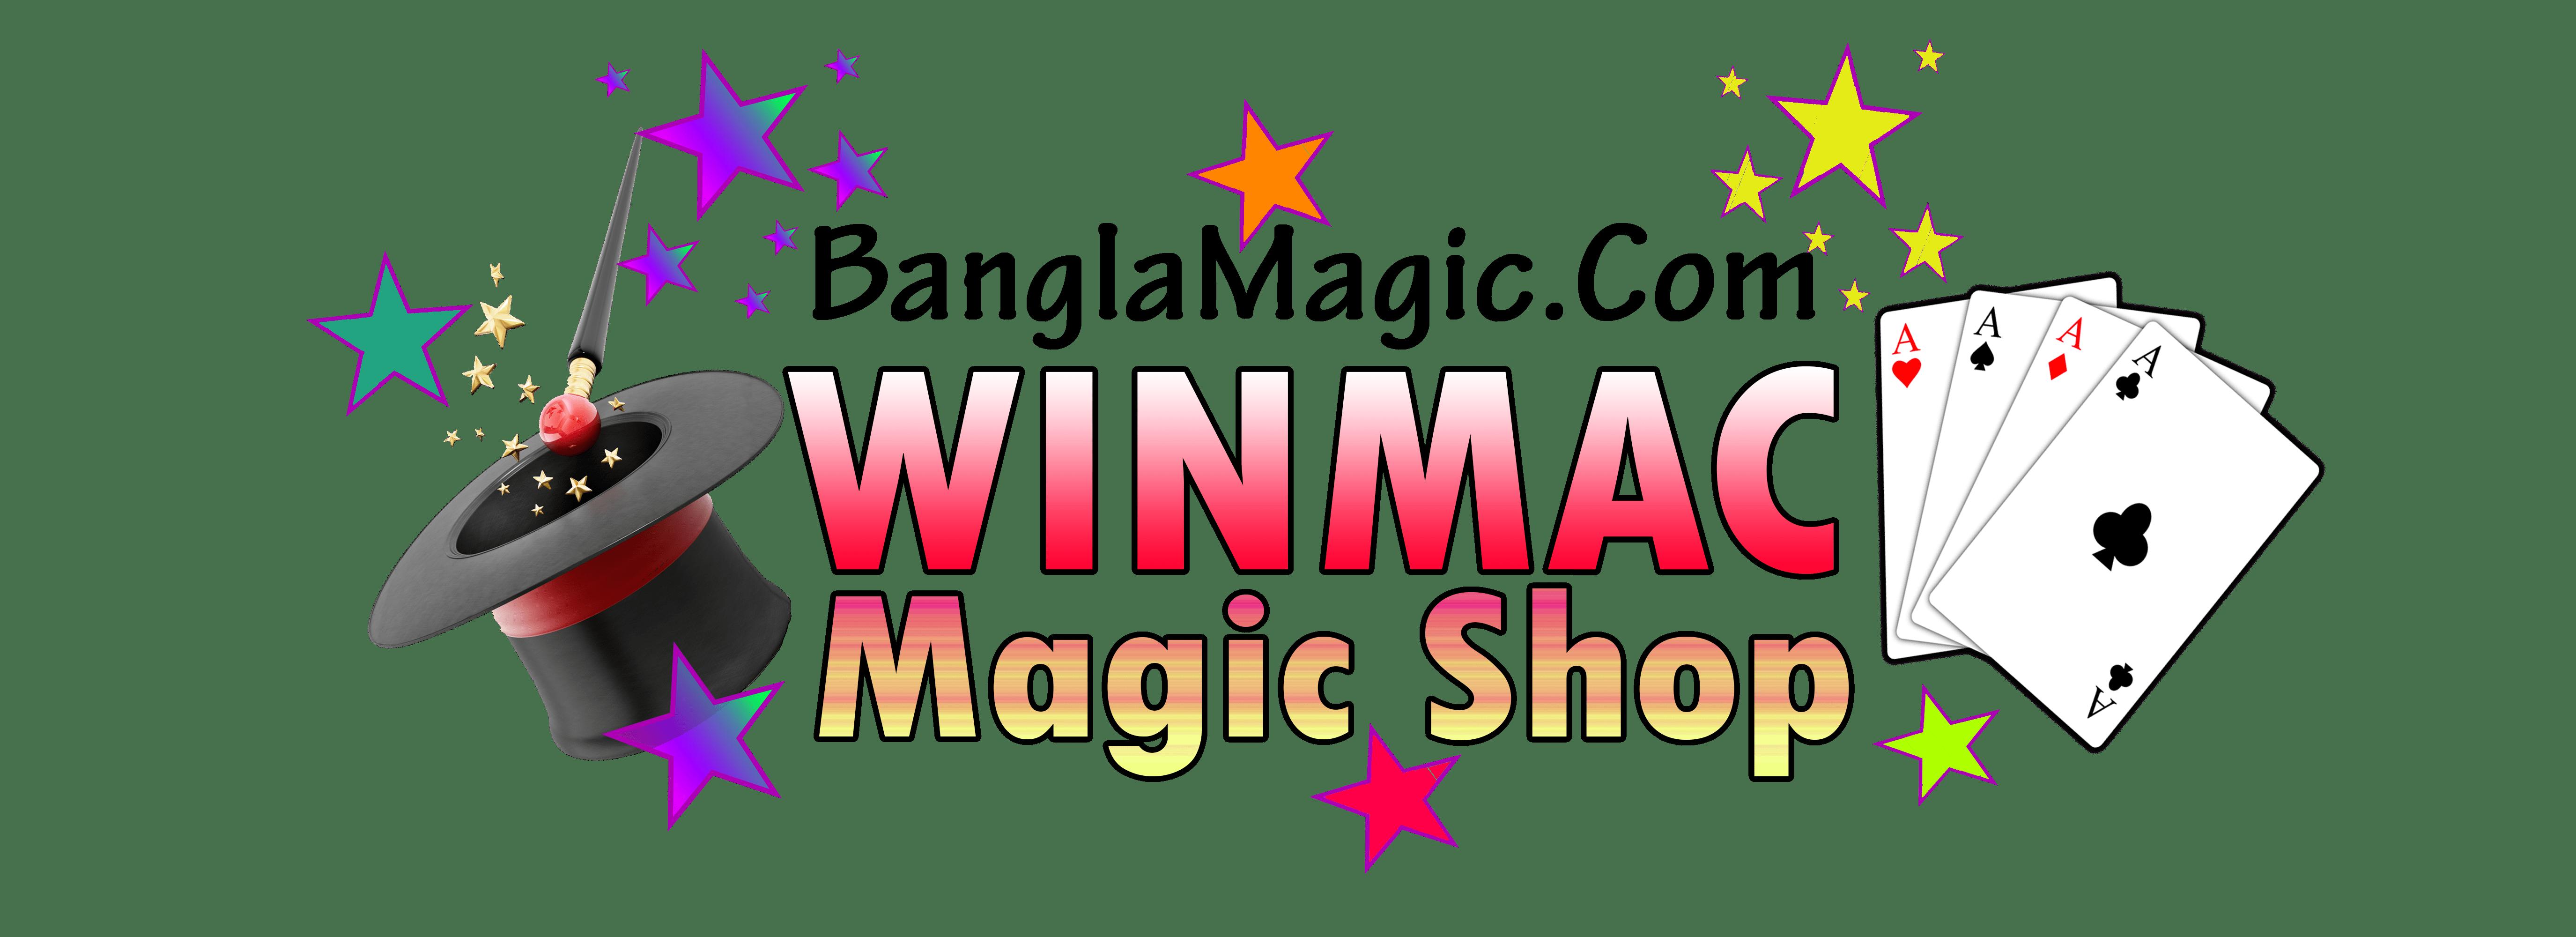 Magician clipart old magician. Bangla magic winmac shop